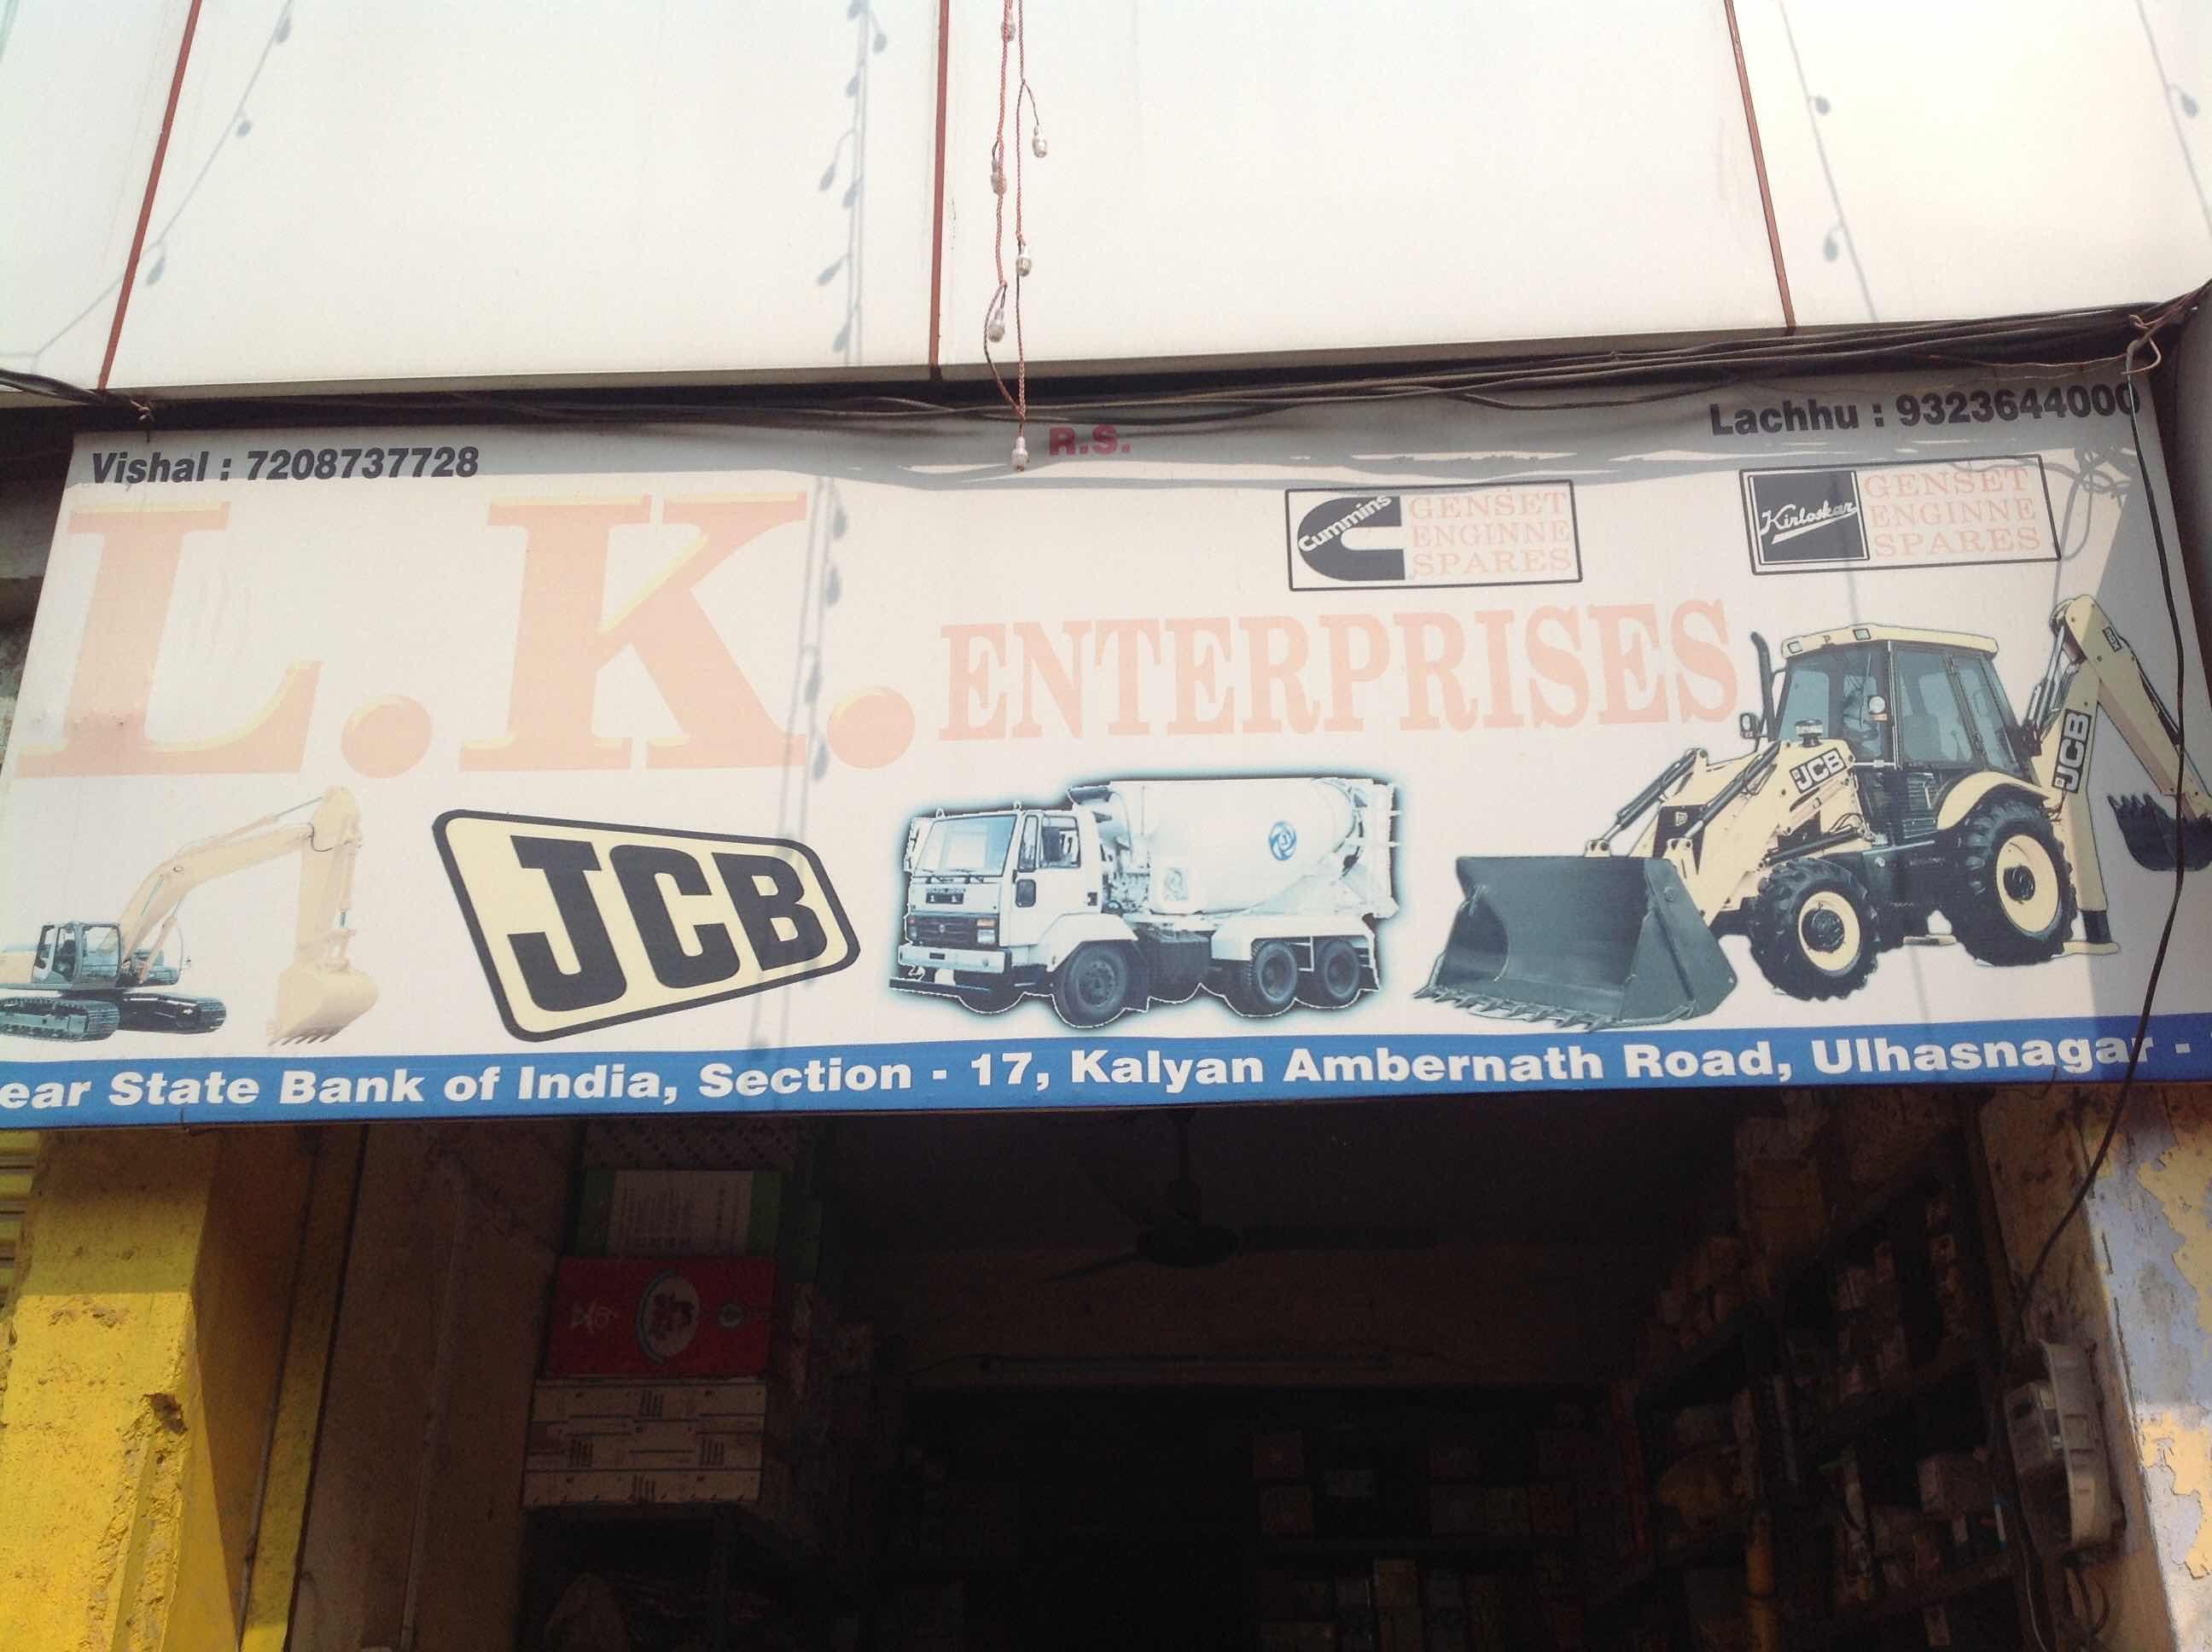 Top 30 Jcb Earthmover Part Dealers in Mumbai - Best Jcb